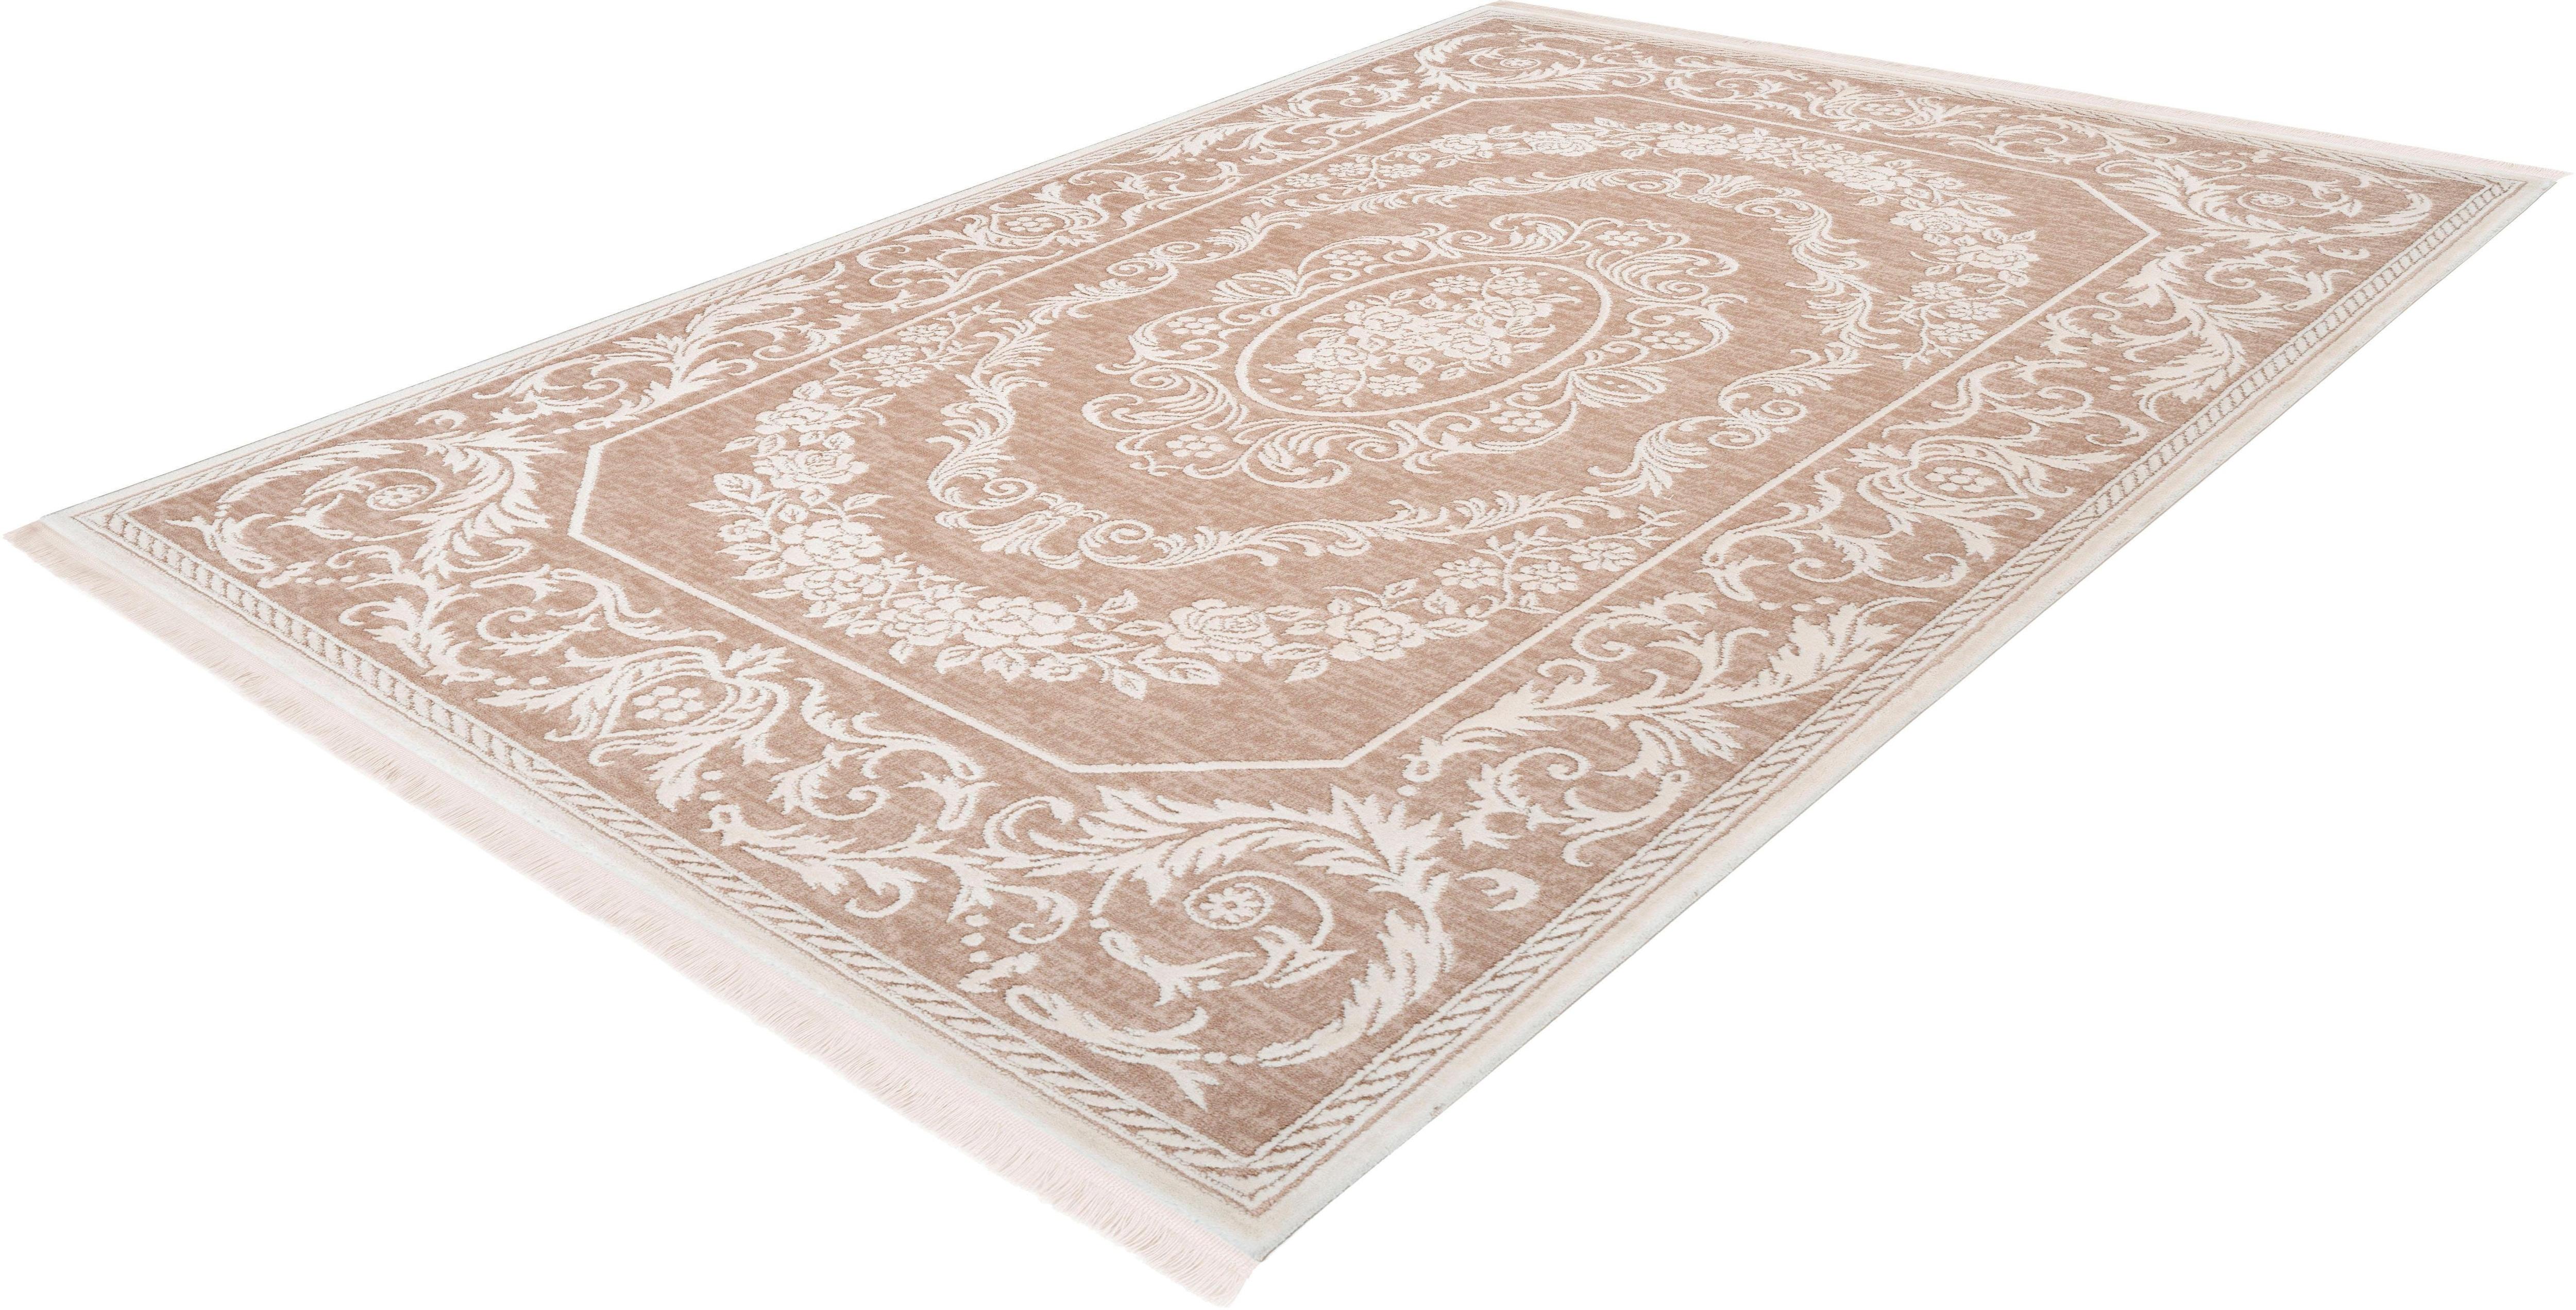 Teppich Varda 615 calo-deluxe rechteckig Höhe 14 mm maschinell gewebt